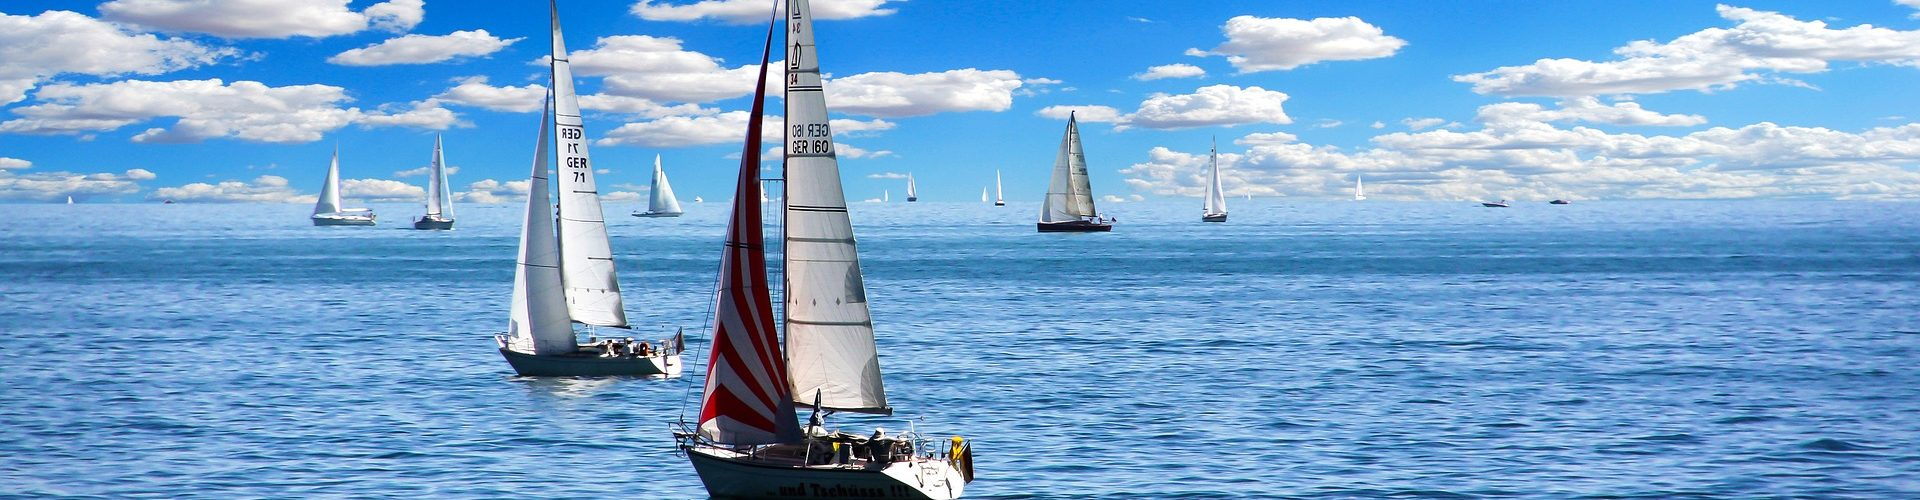 segeln lernen in Melle segelschein machen in Melle 1920x500 - Segeln lernen in Melle